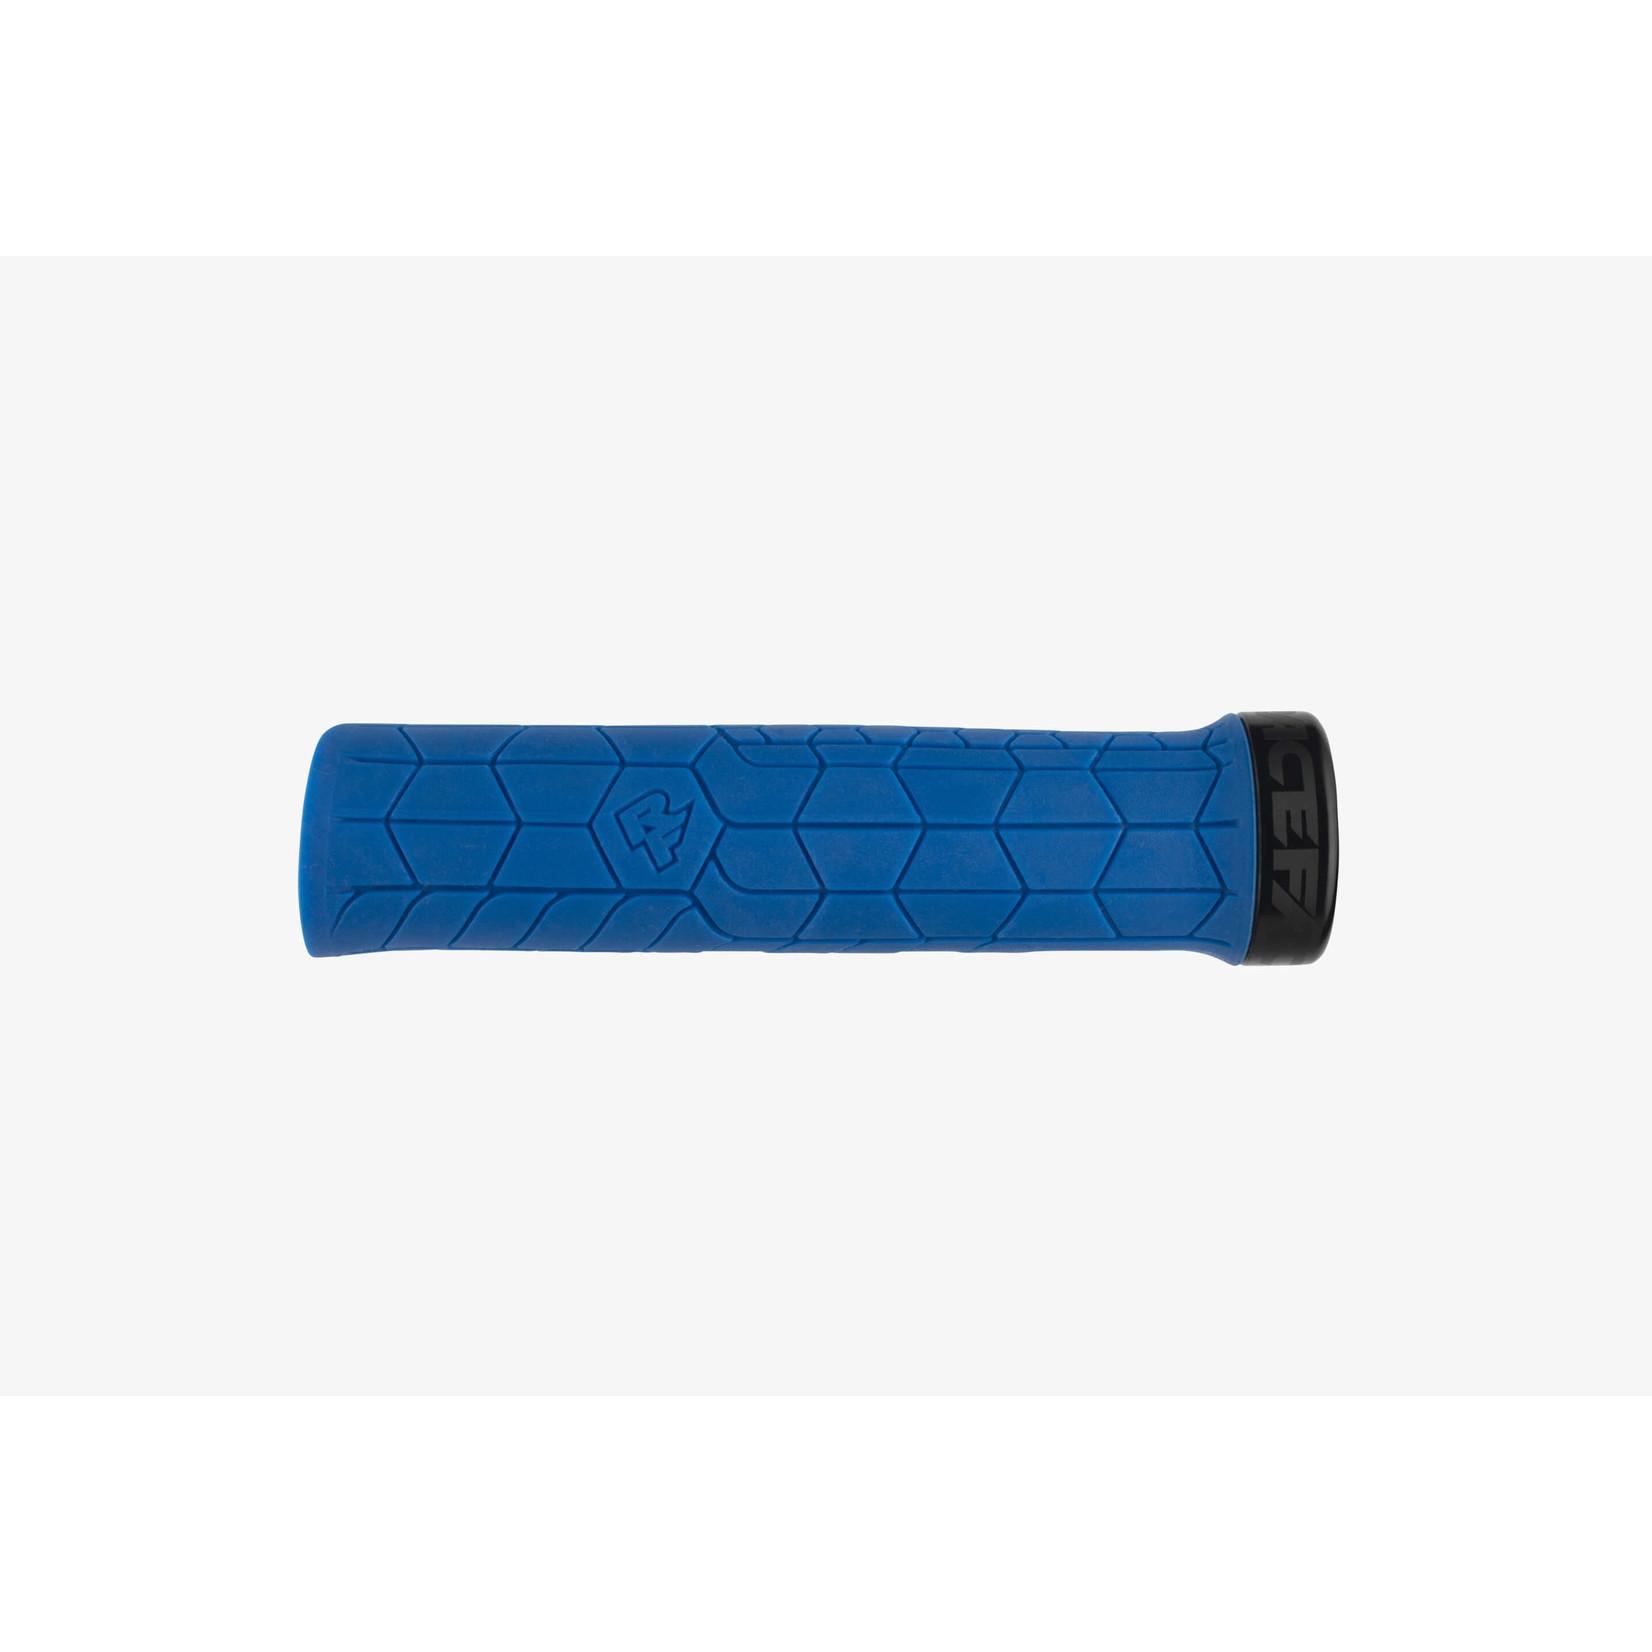 Race Face Grips - Raceface Getta Grip Blue 30mm